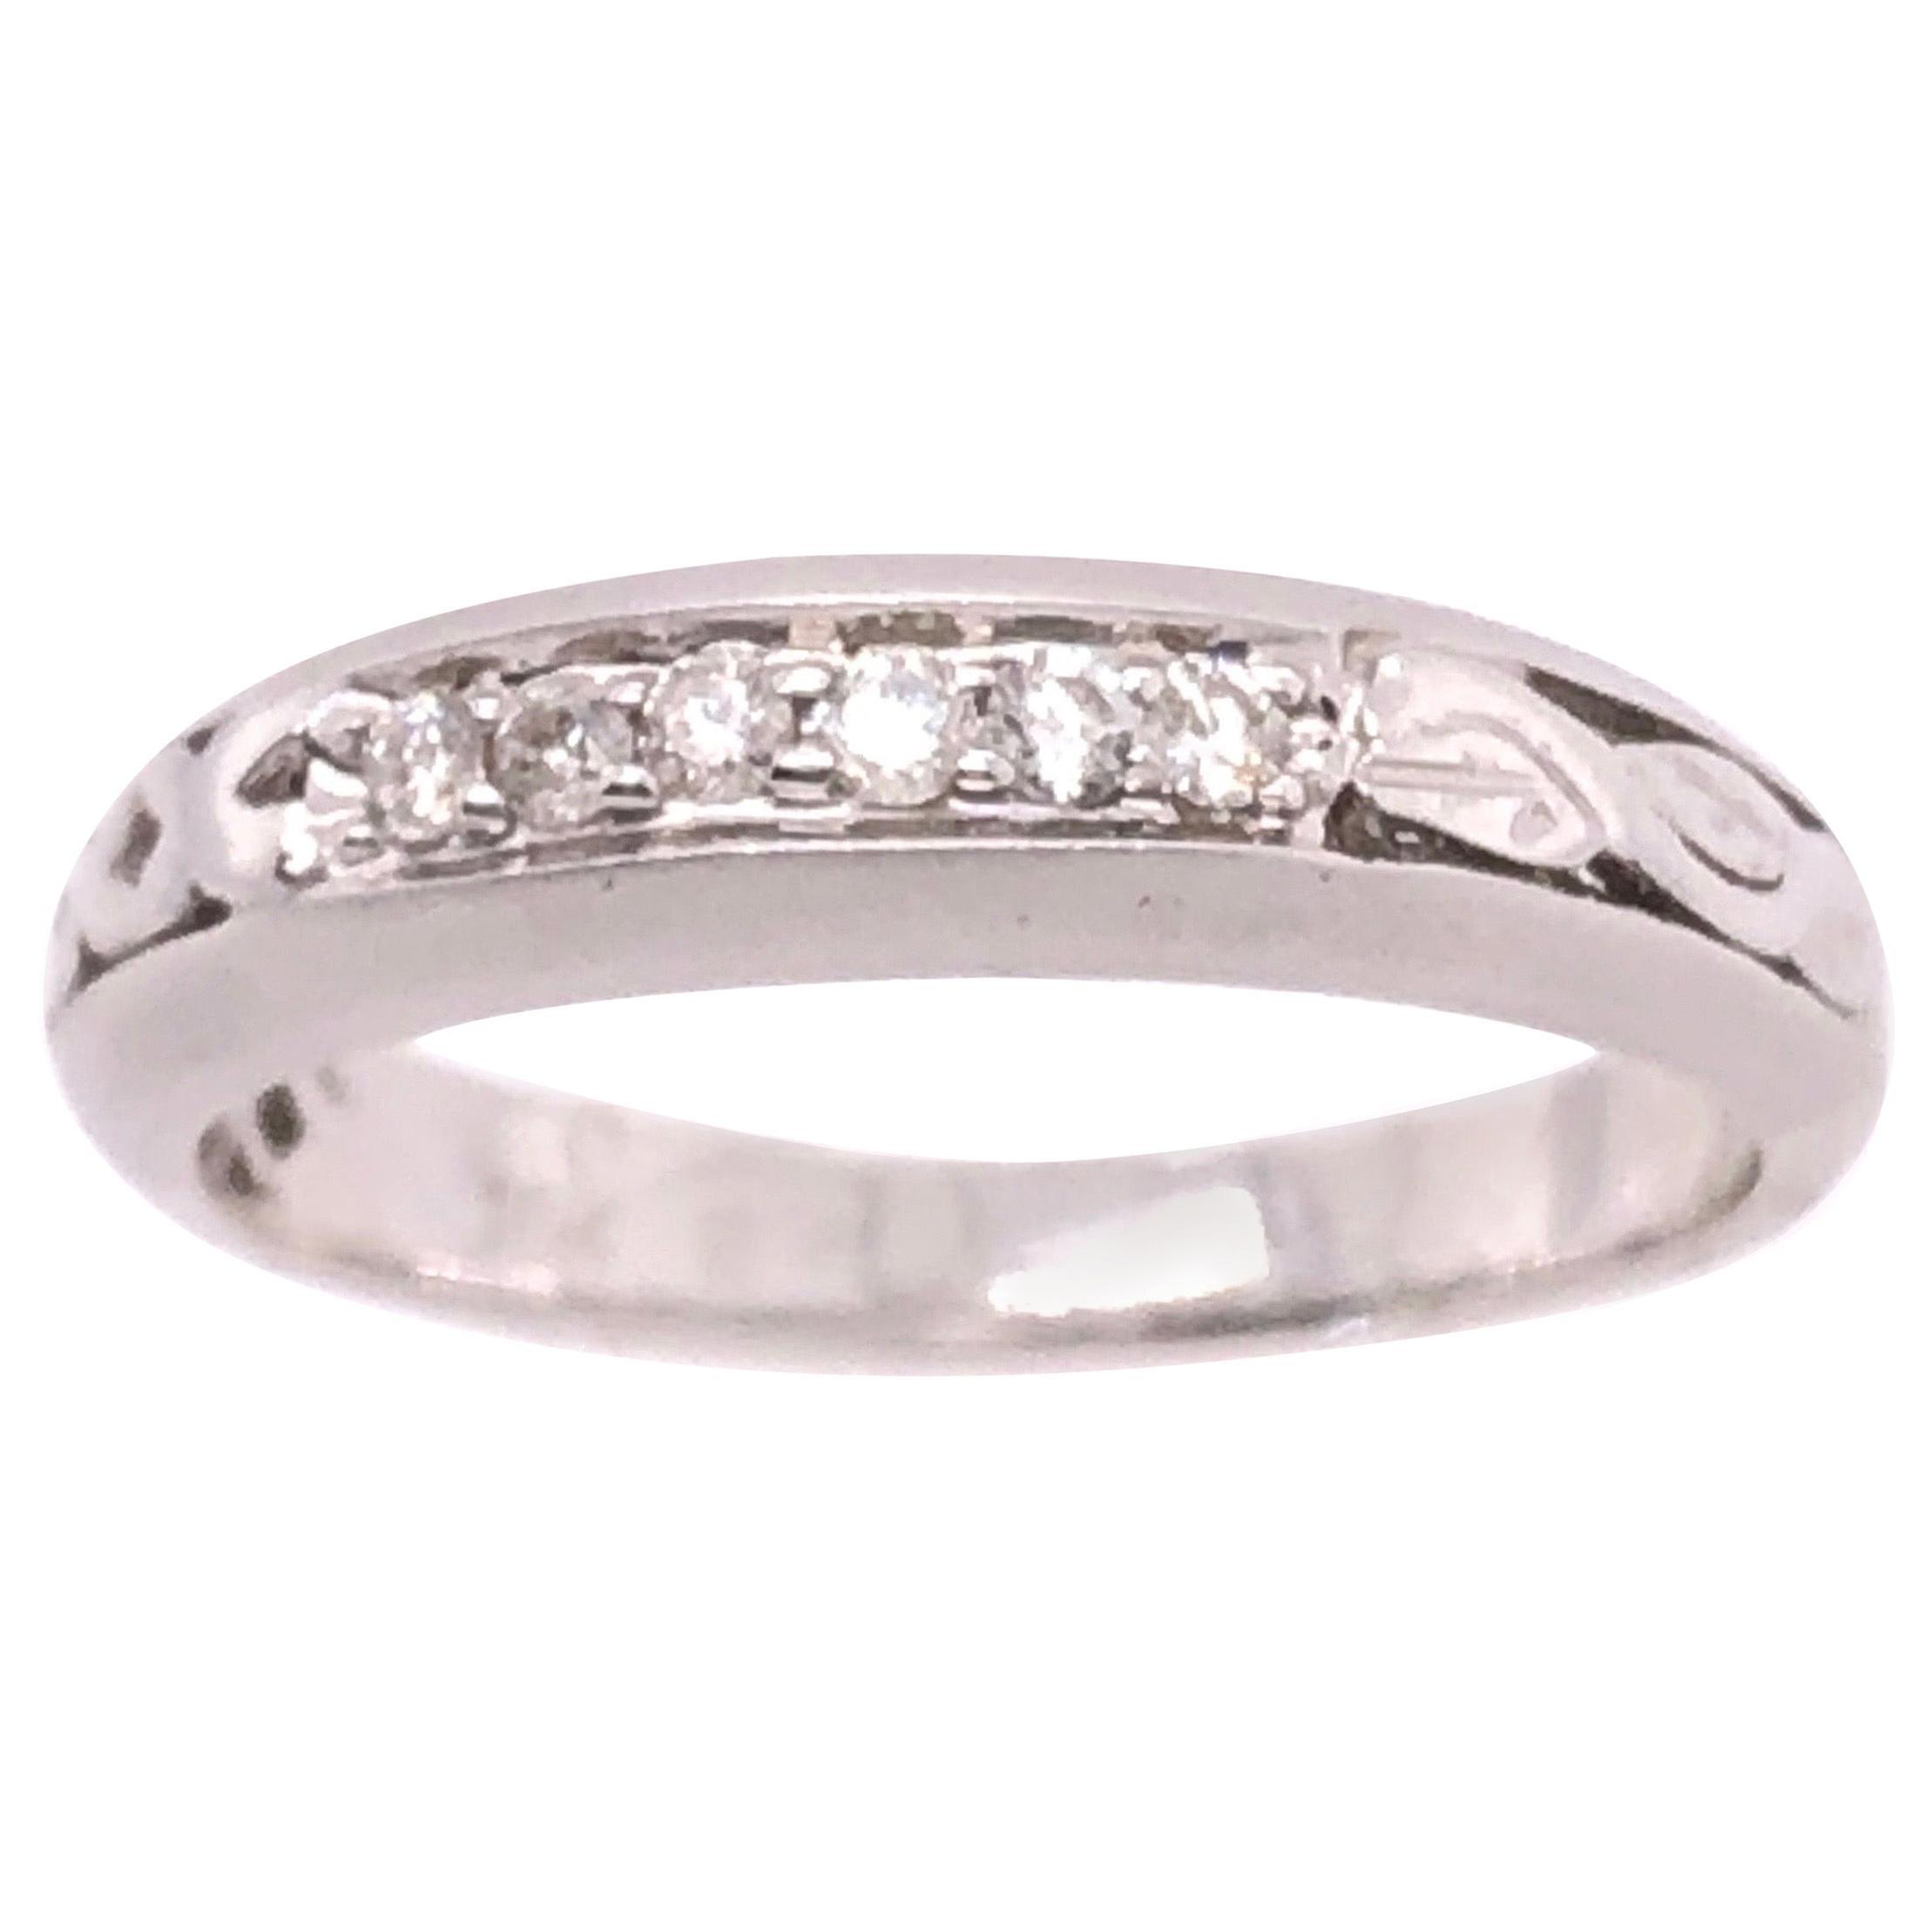 18 Karat White Gold and Diamond Wedding Band Bridal Ring